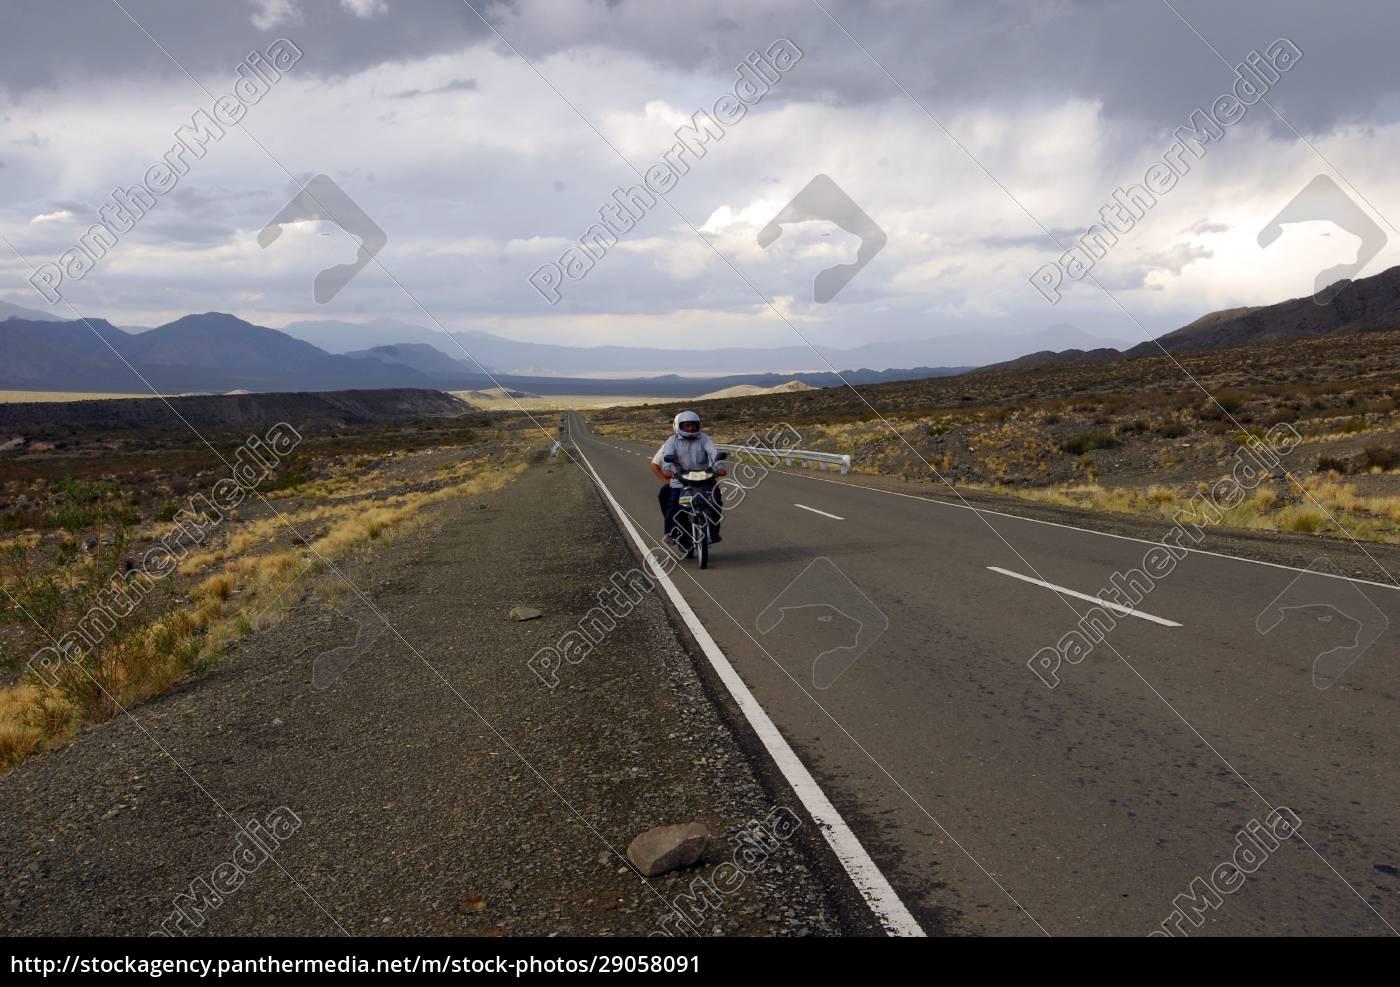 transportwege, und, mobilität, in, argentinien - 29058091